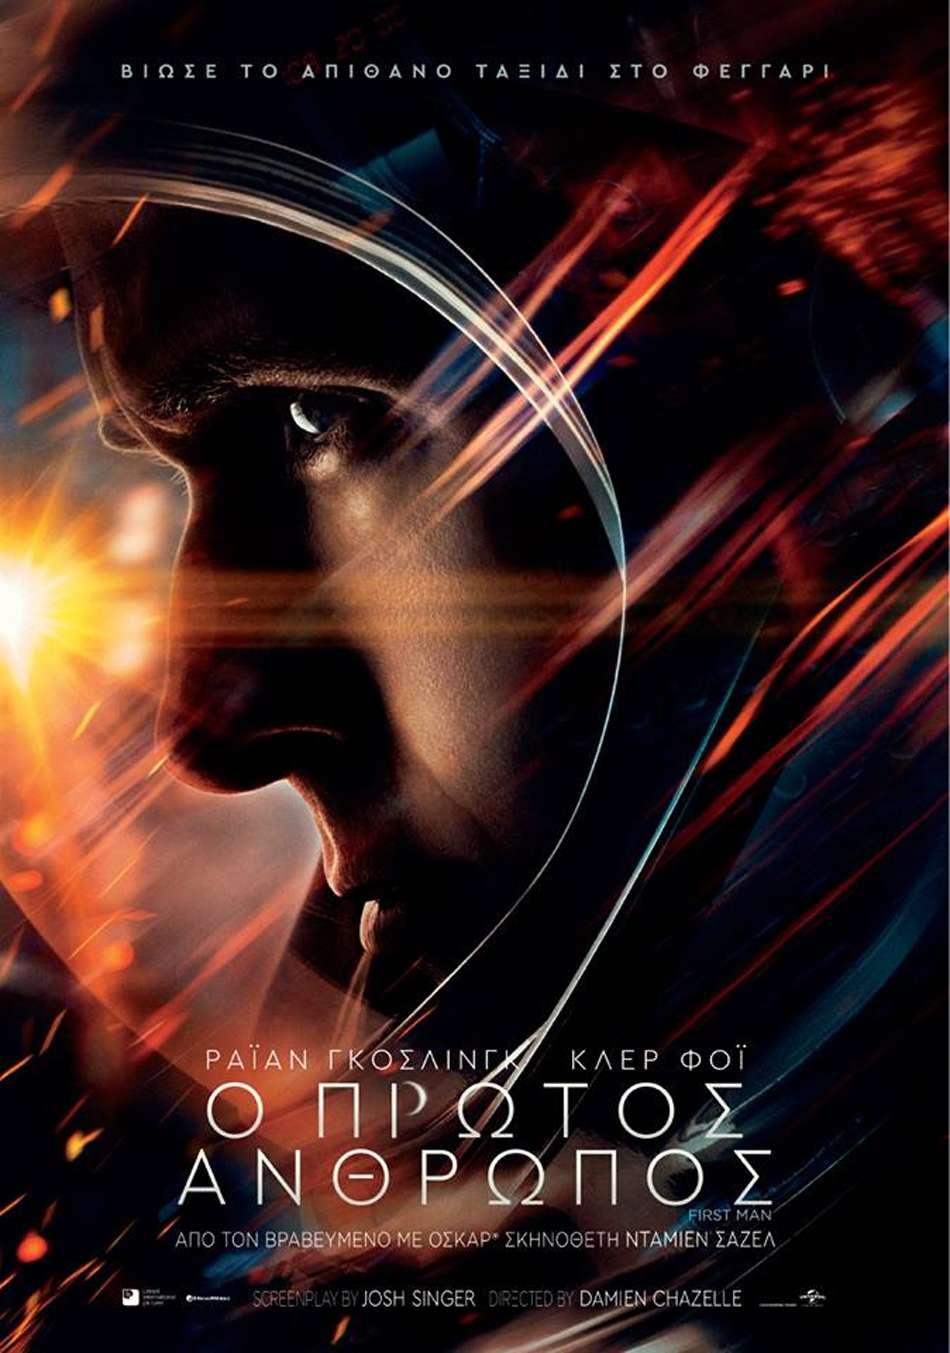 Ο Πρώτος Άνθρωπος (First Man) Poster